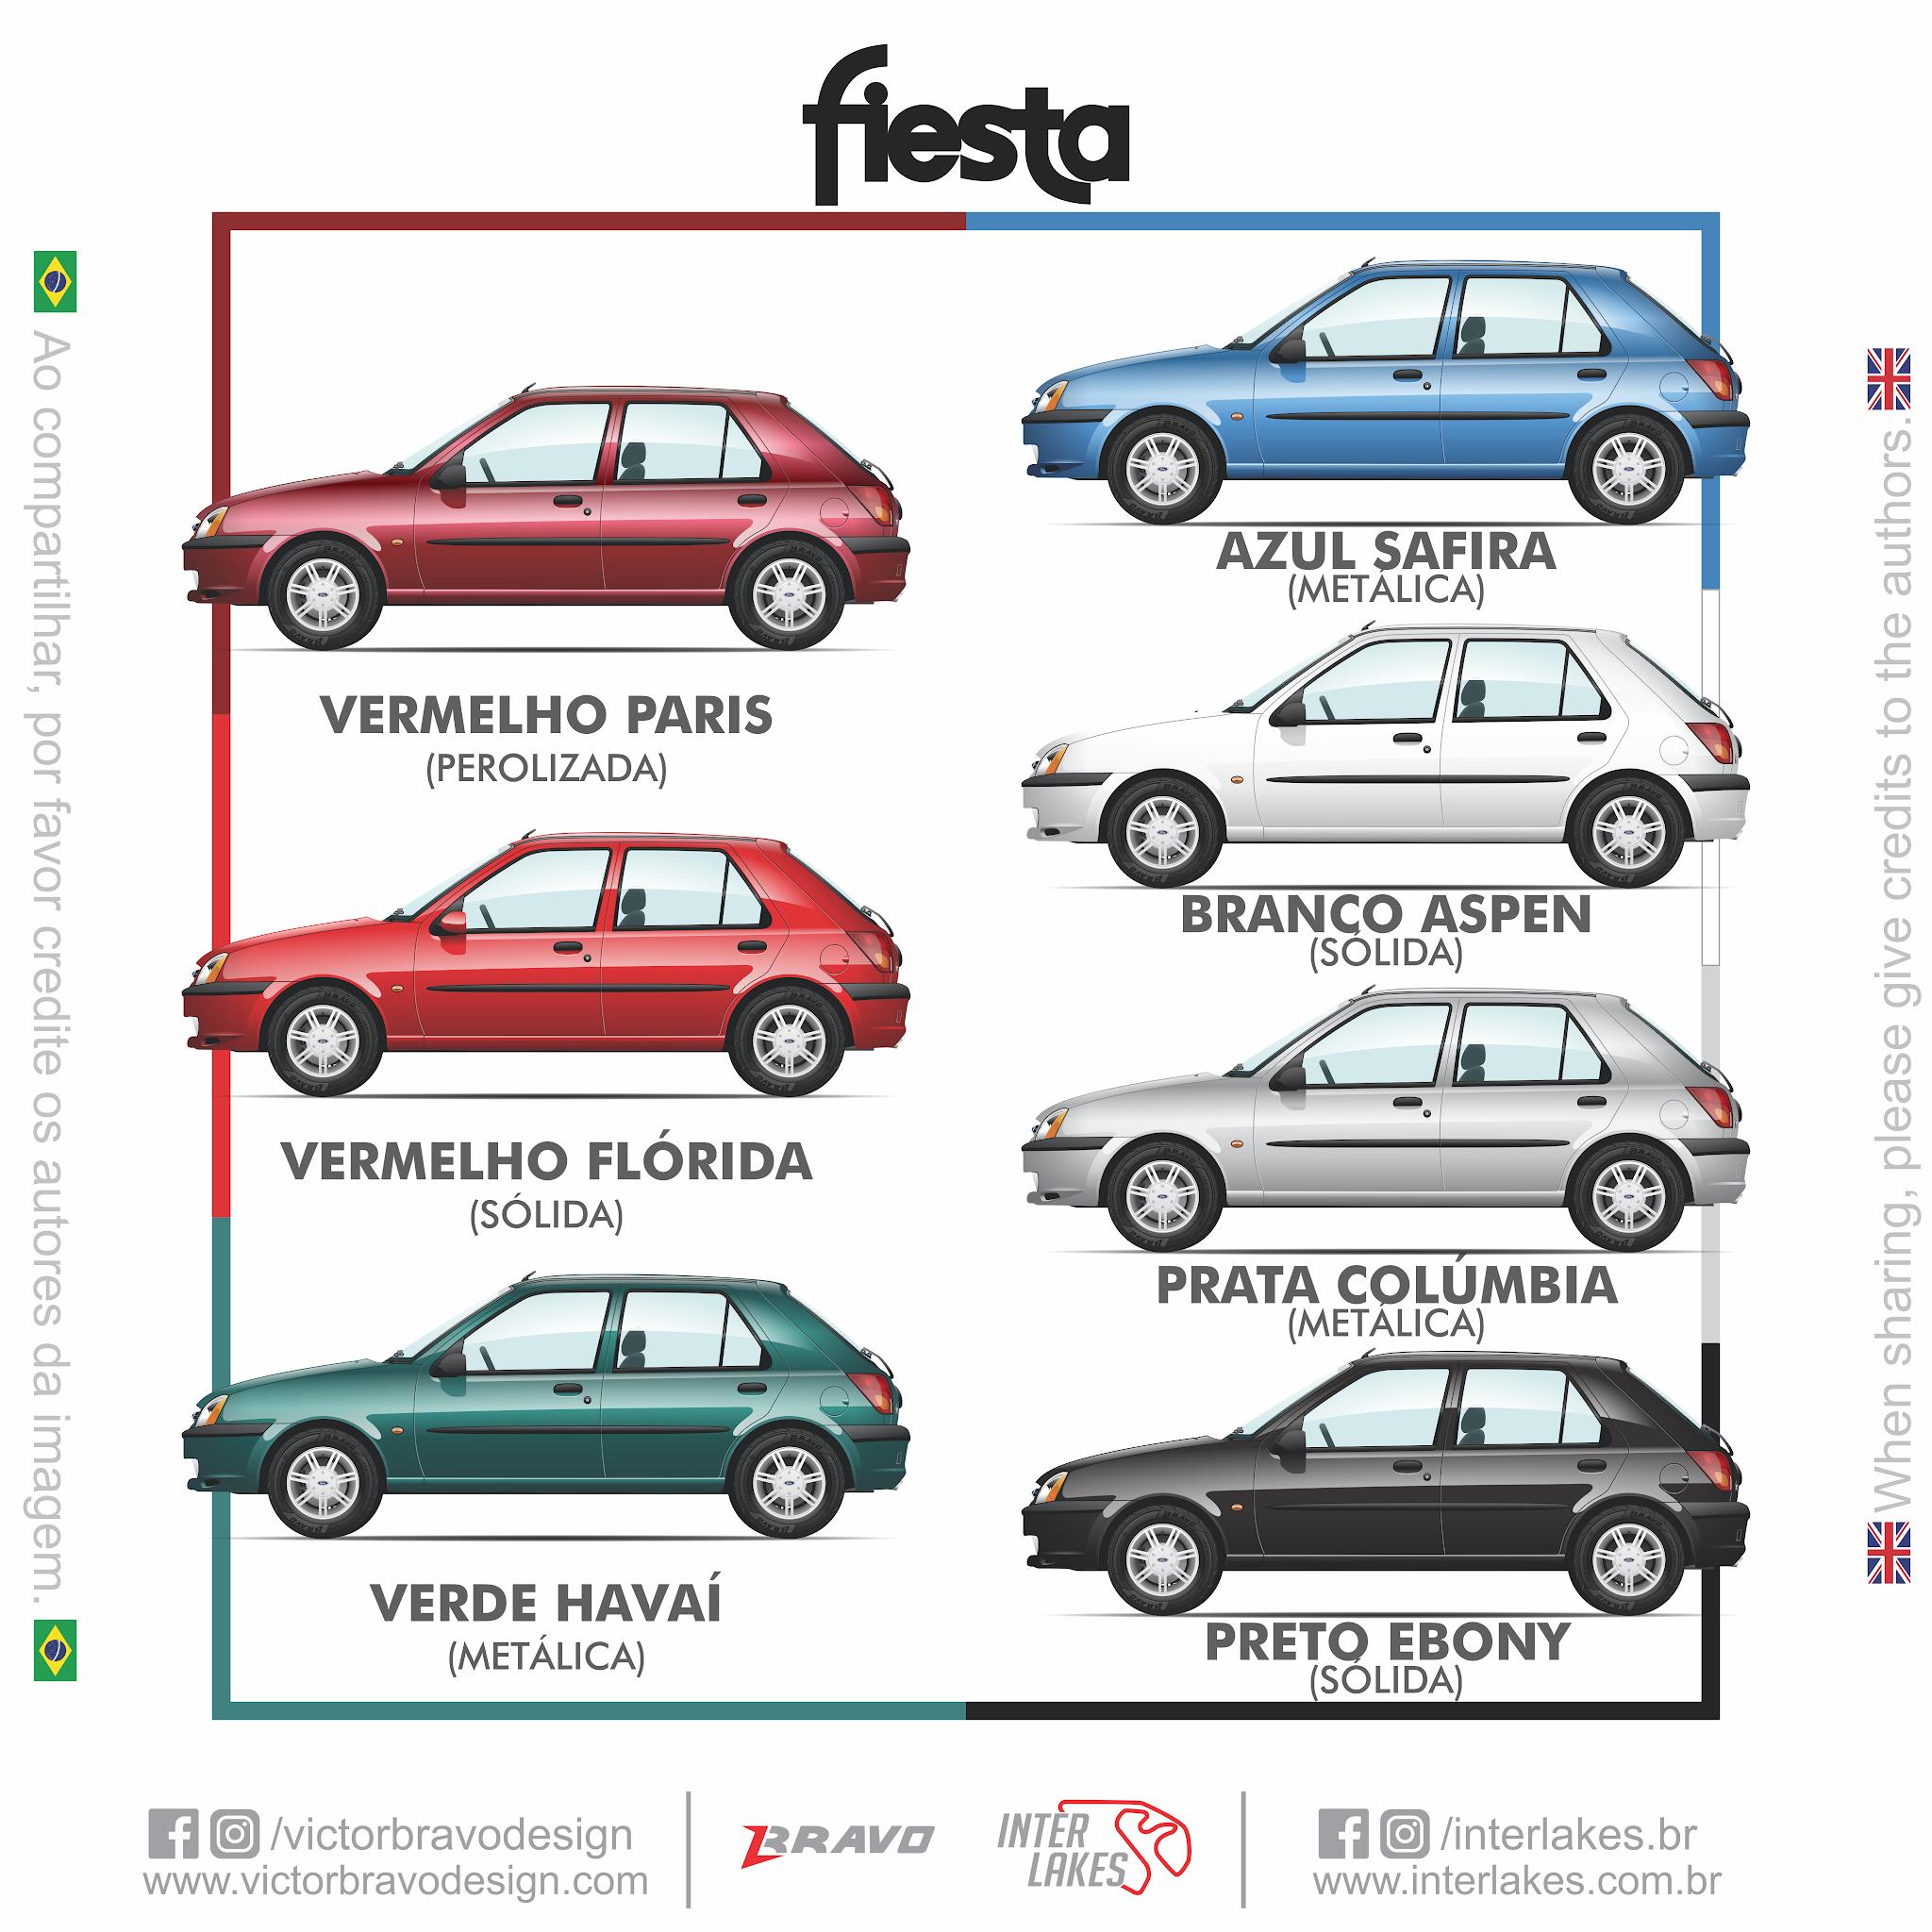 Imagem mostrando os desenhos com as cores do Ford Fiesta 2000 ; Vermelho Paris, Vermelho Flórida, Verde Havaí, Azul Safira, Branco Aspen, Prata Colúmbia e Preto Ebony